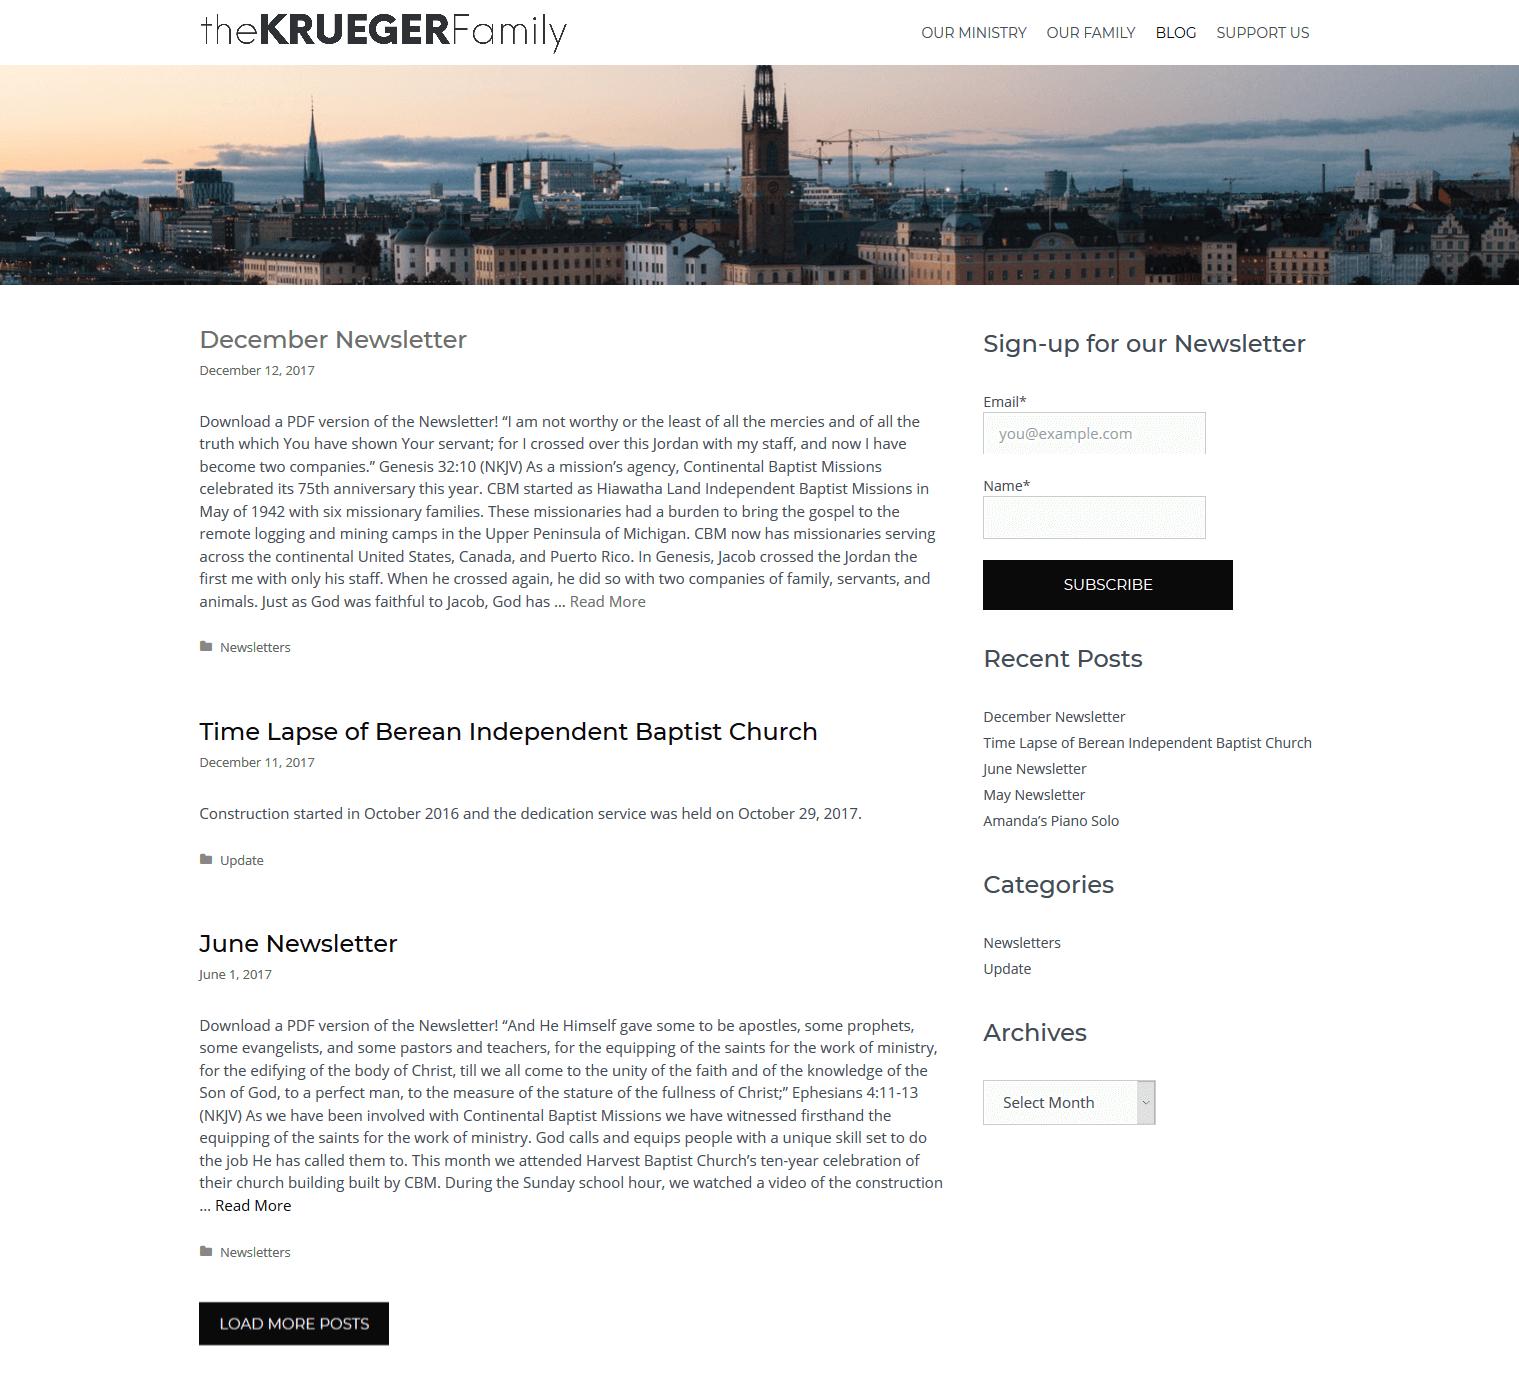 thekruegfam.com Blog page